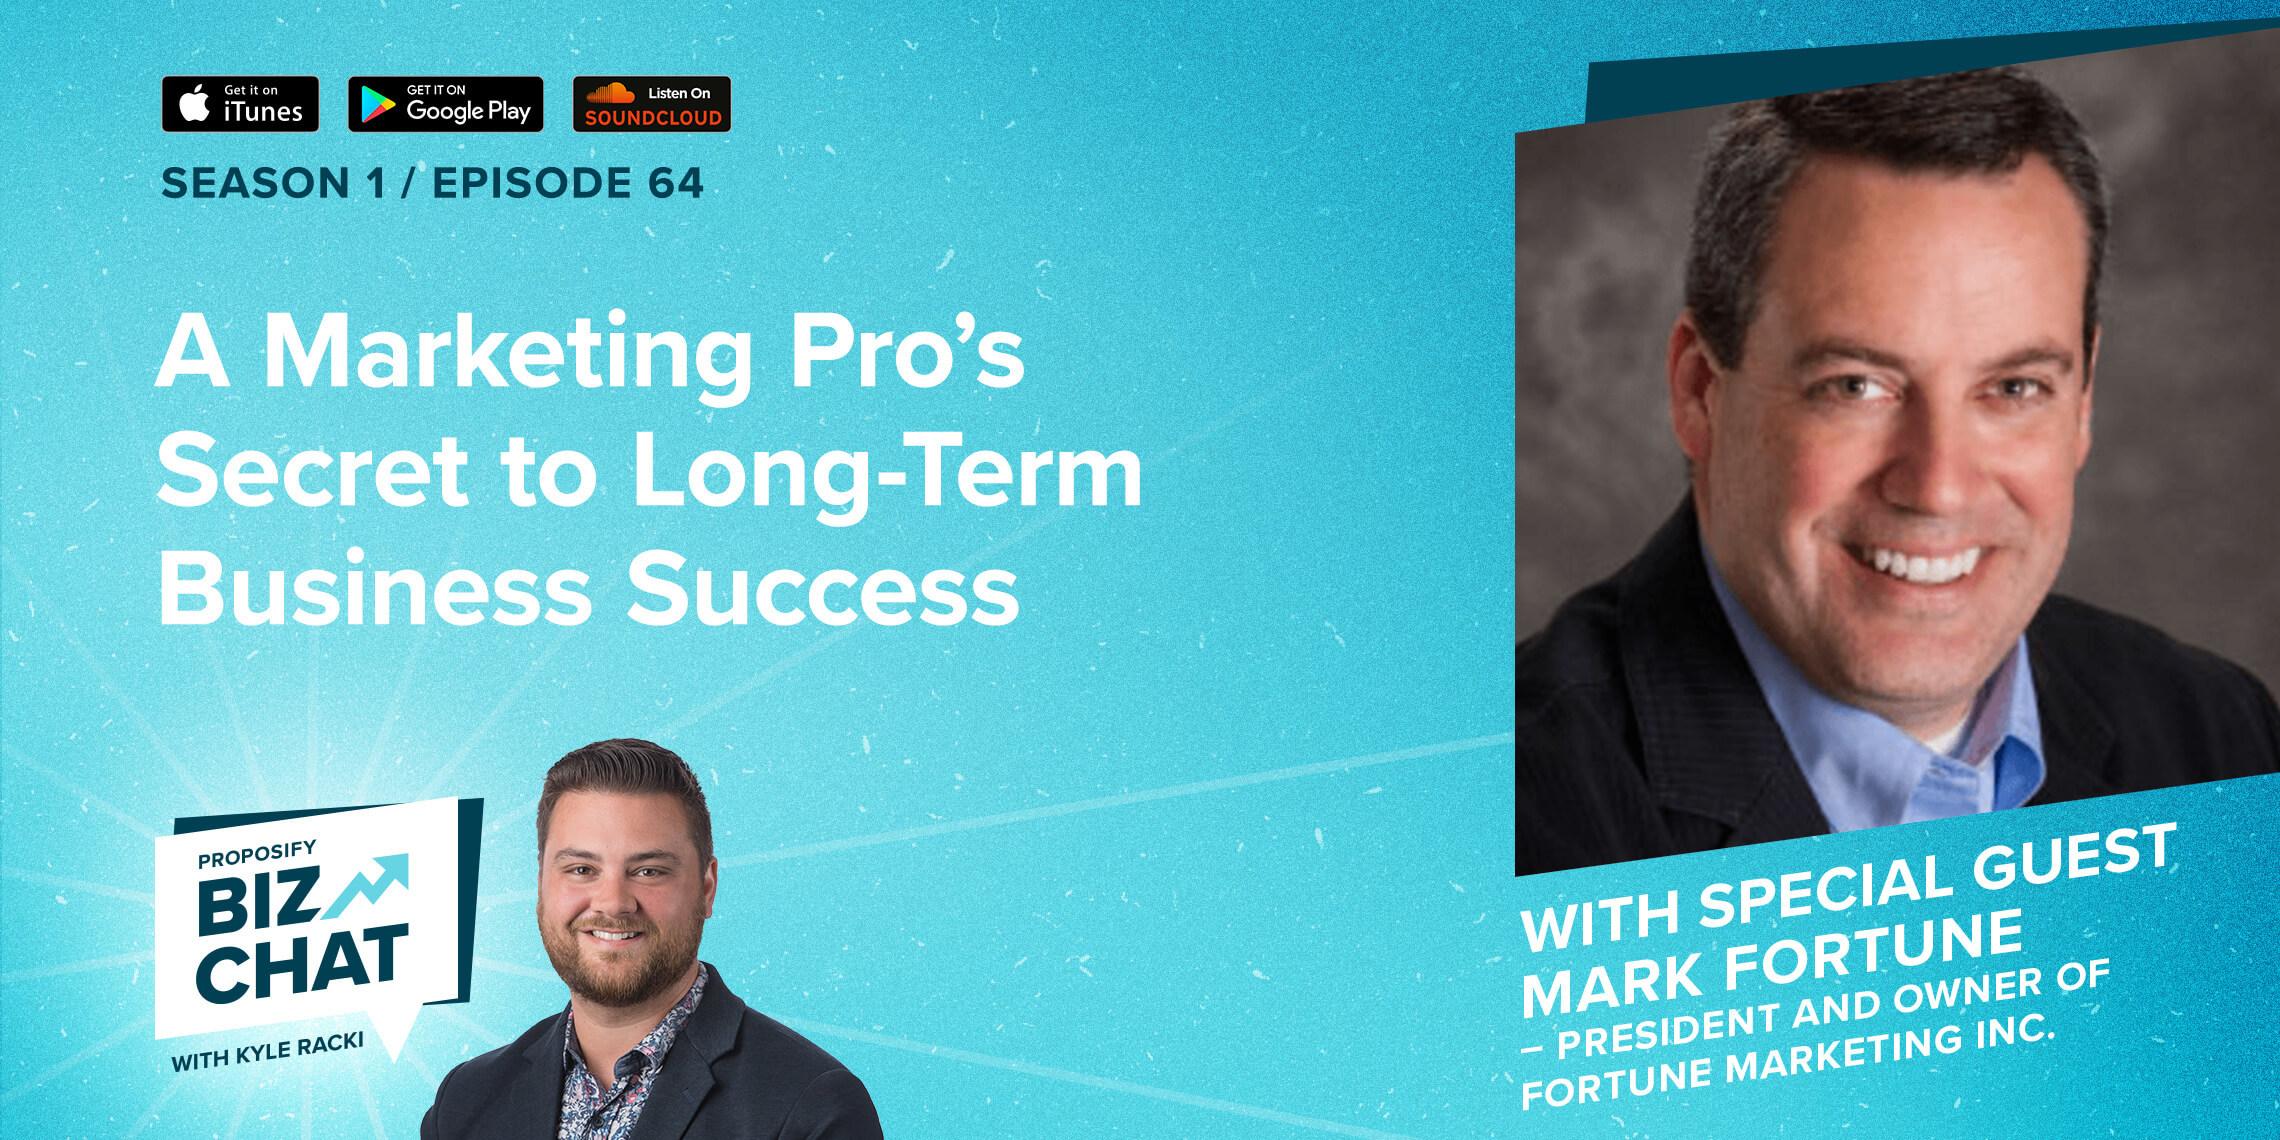 A Marketing Pro's Secret to Long-term Business Success